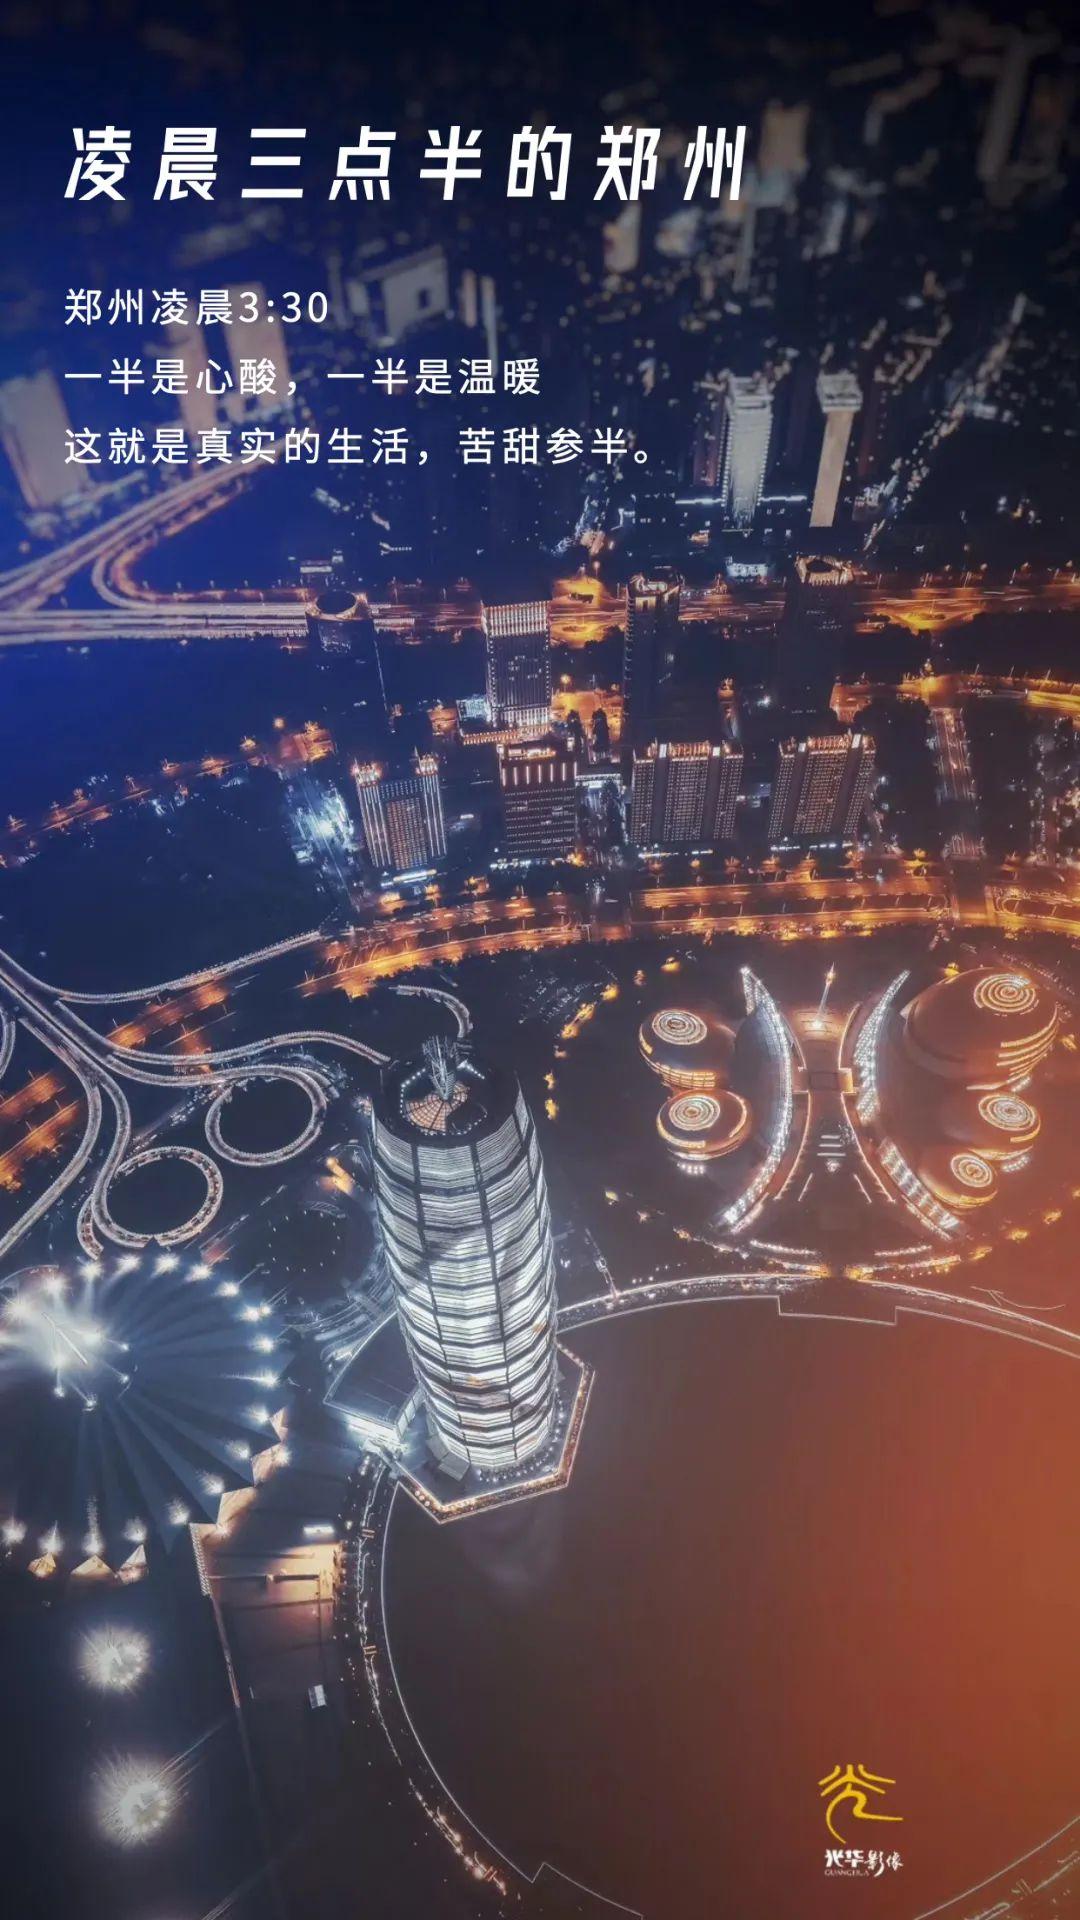 郑州凌晨3点半街头实拍,一半是心酸,一半是温暖